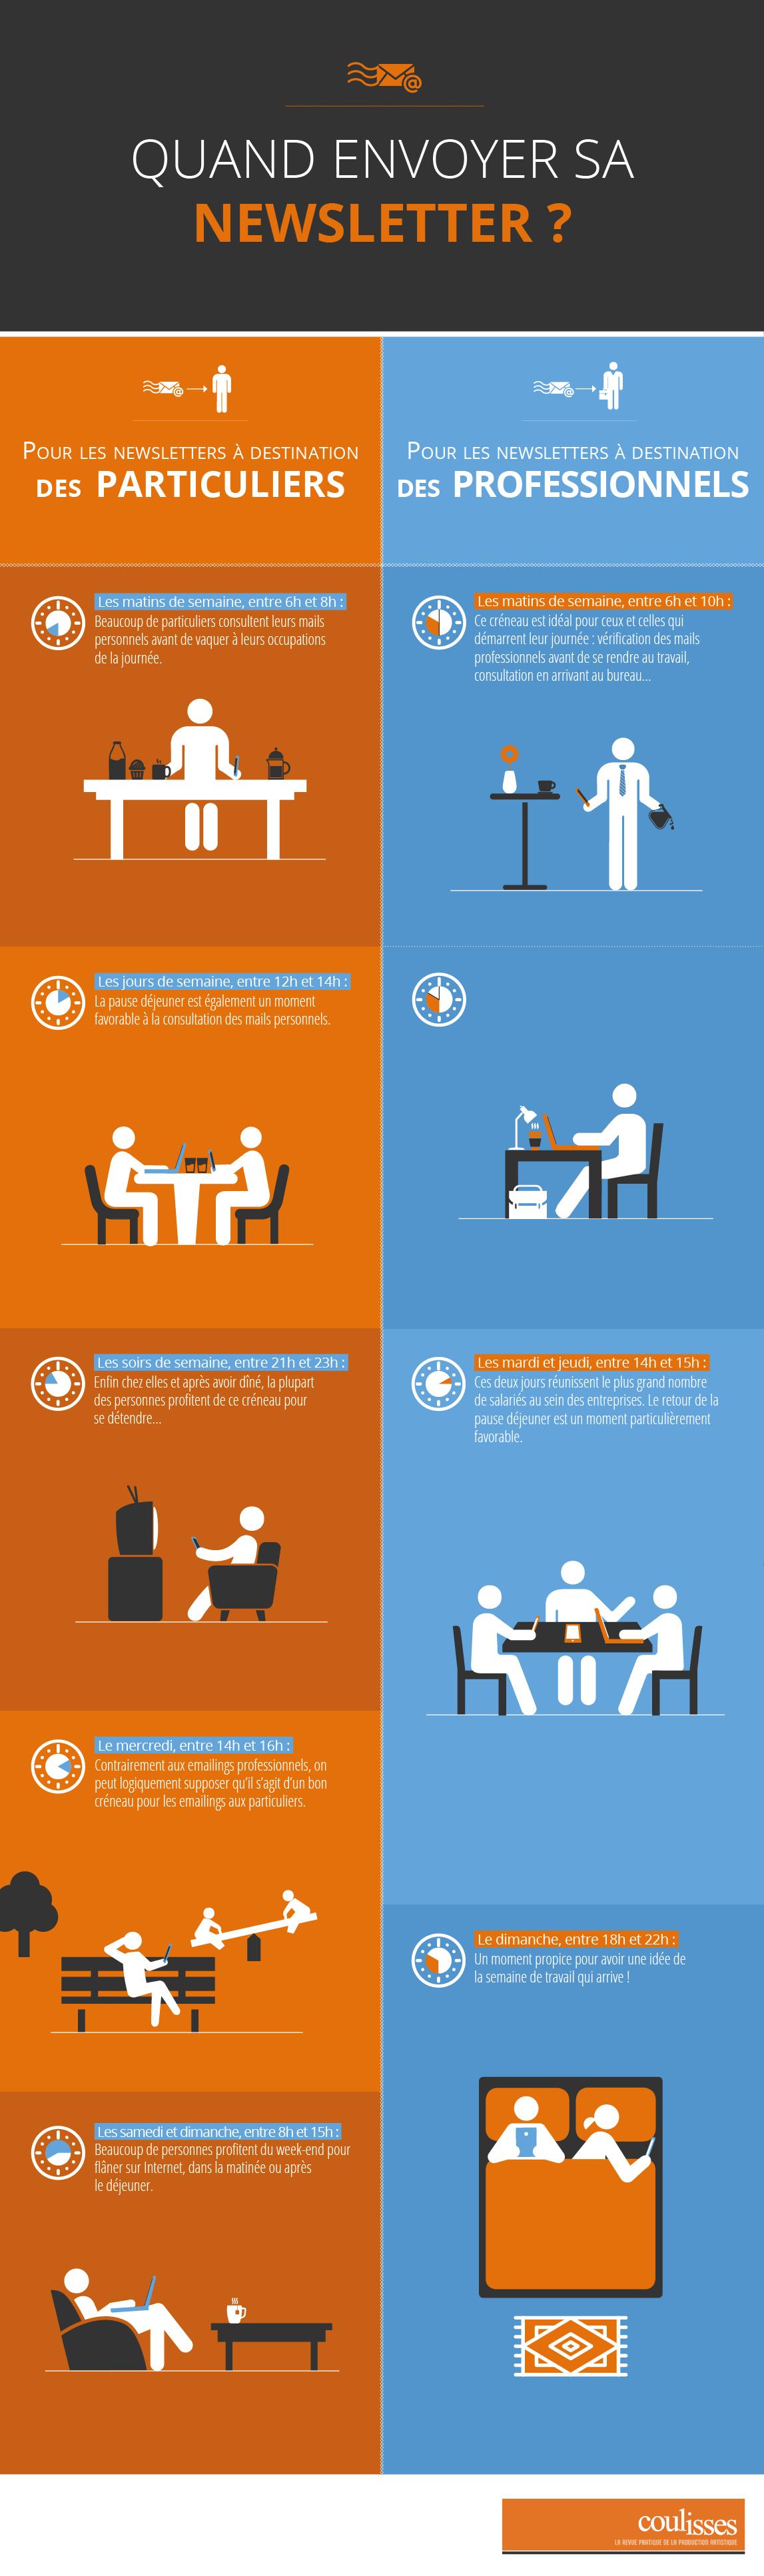 infographie_quand_envoyer_sa_newsletter